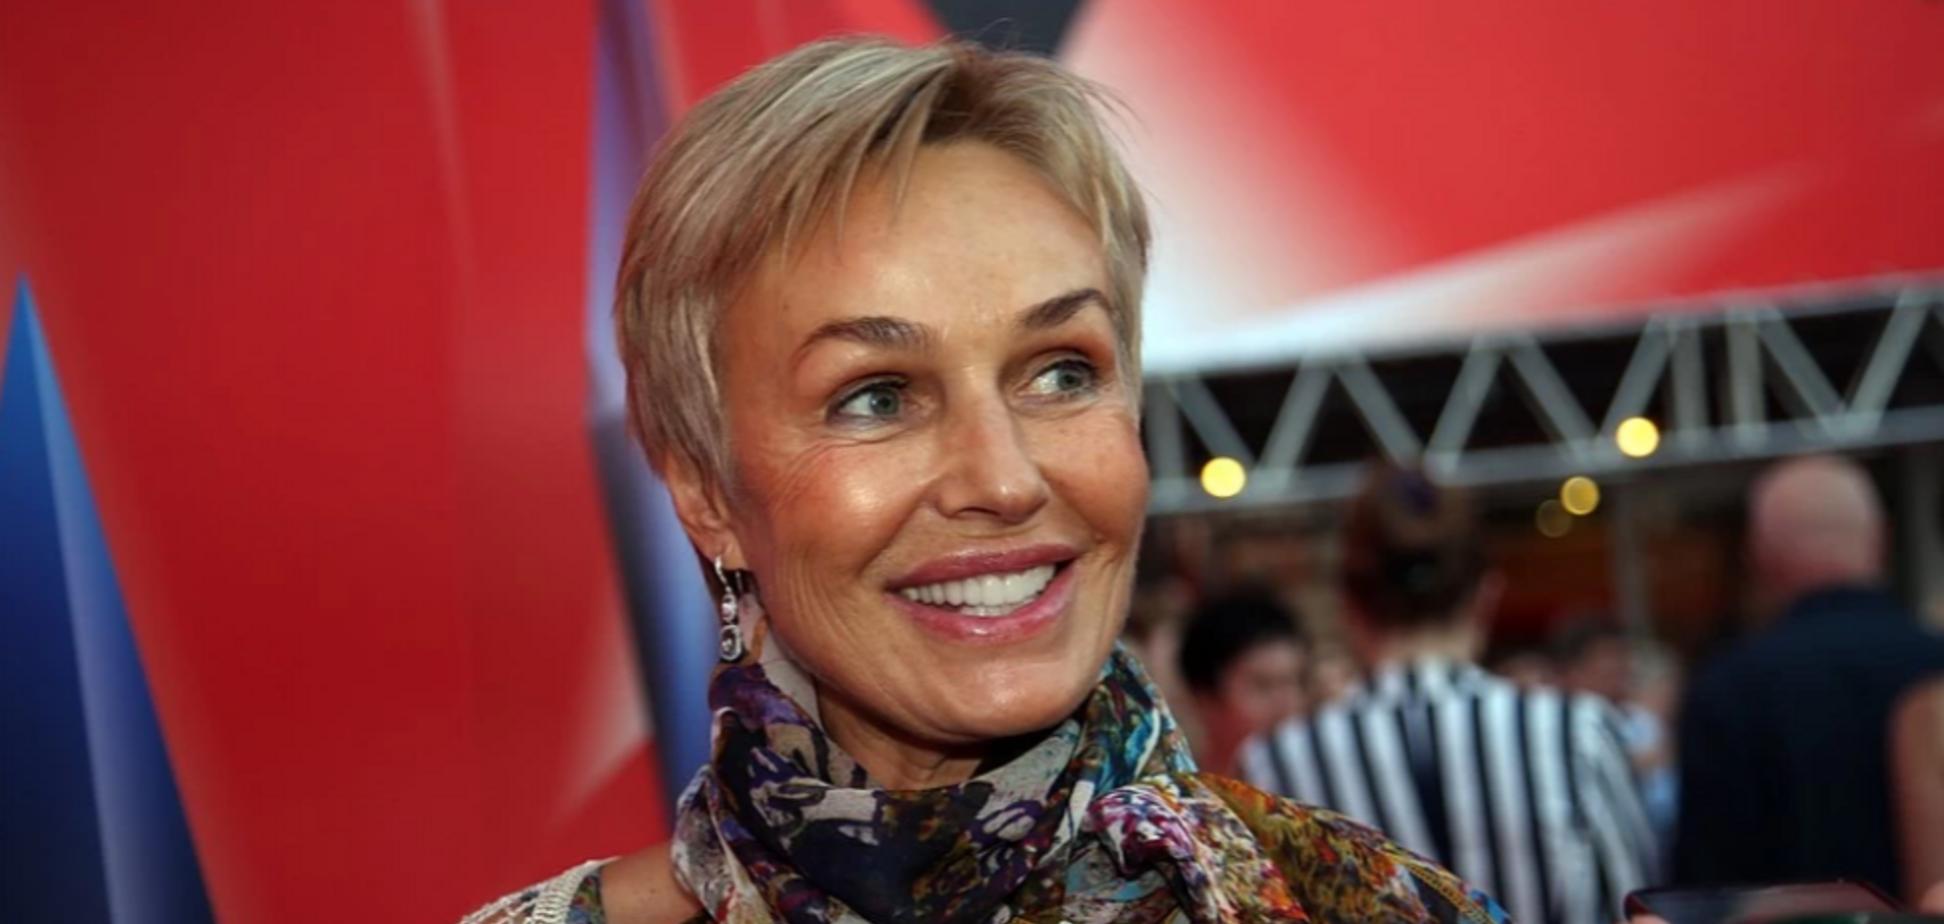 Загадкове зникнення Андрейченко: в Мексиці знайшли авто актриси